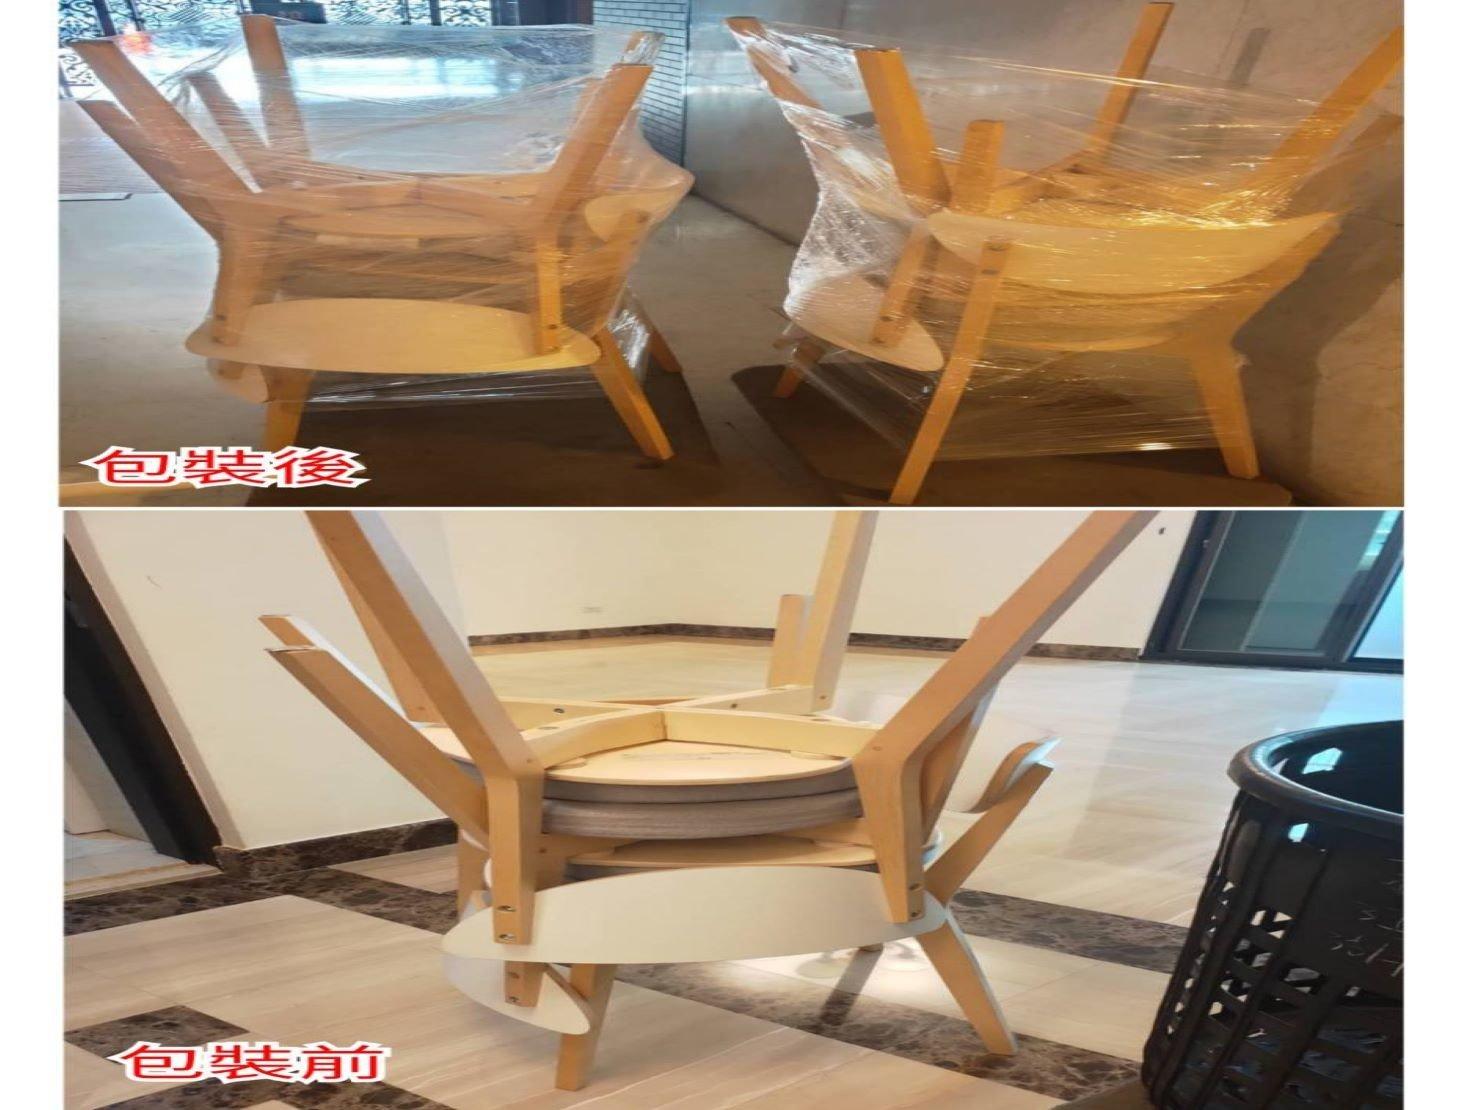 木製餐椅搬家包裝方式|搬家公司推薦-榮福搬家大型家具搬運首選